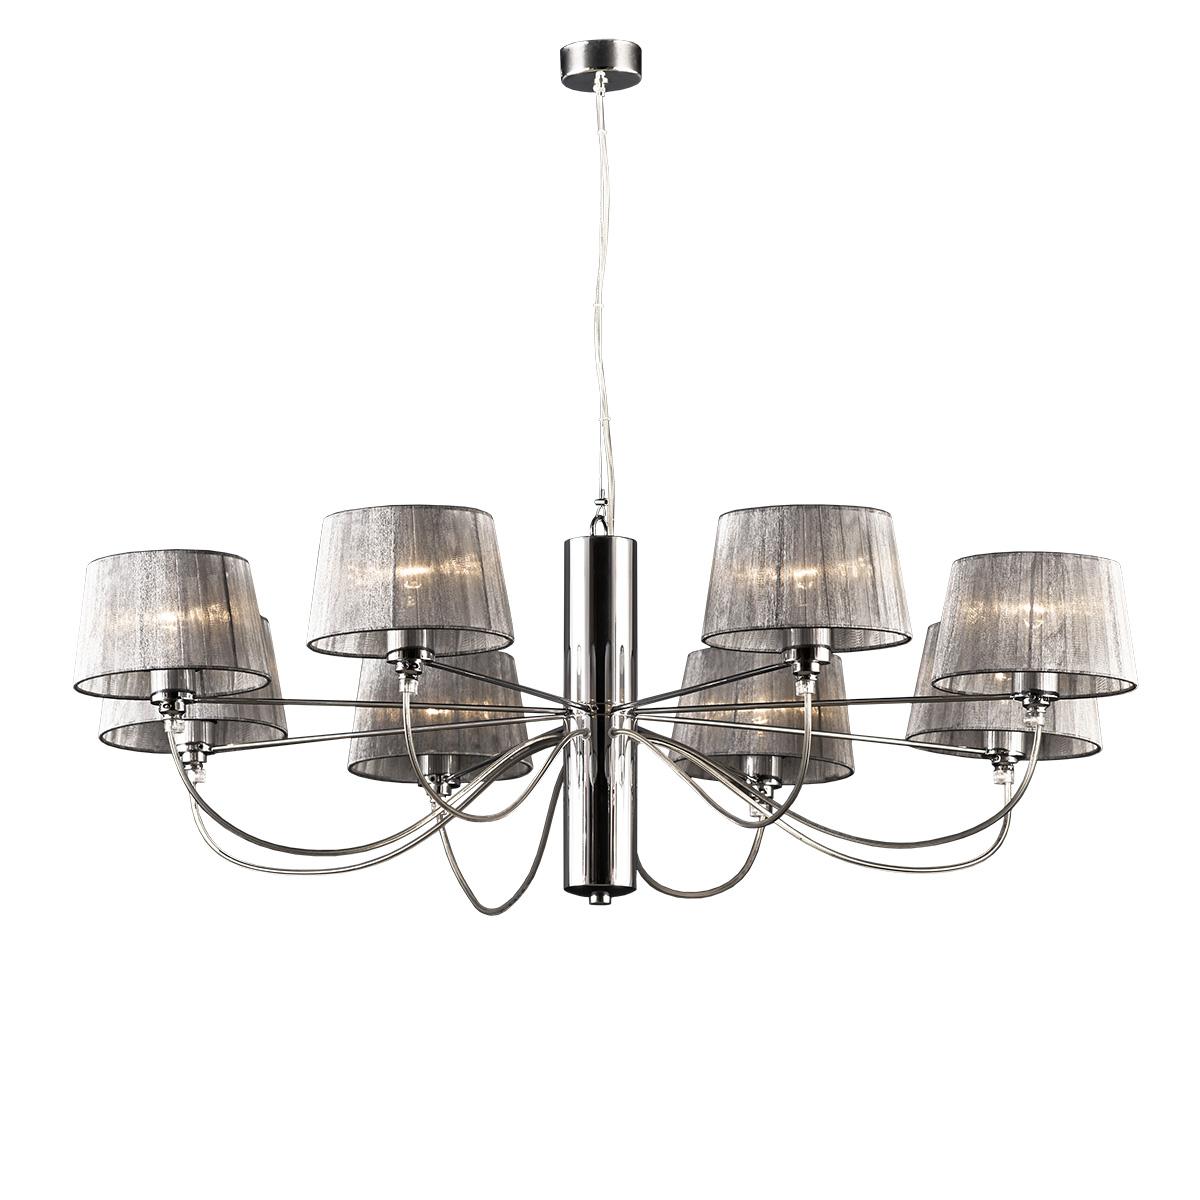 Χρώμιο μοντέρνο 8φωτο φωτιστικό ΟΡΓΑΝΤΖΑ modern chrome 8-bulb chandelier